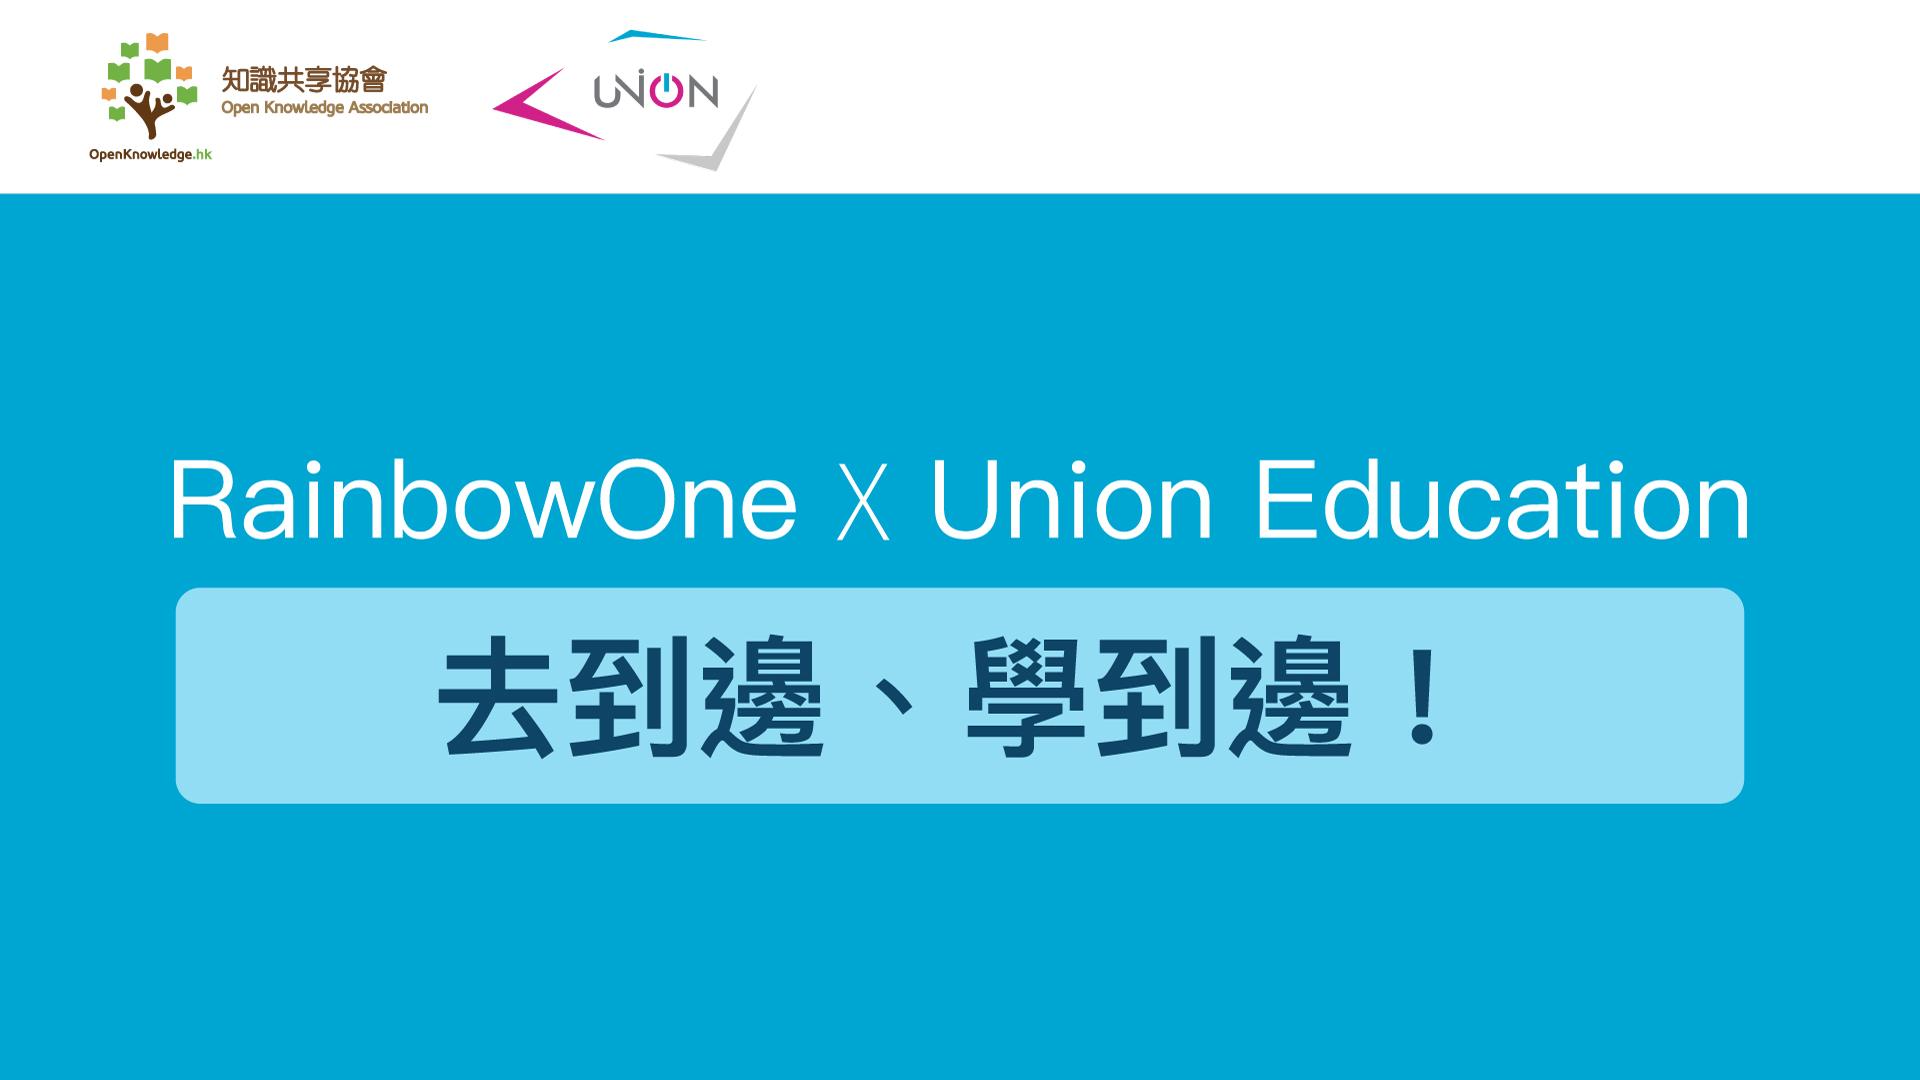 【網上分享會回顧】RainbowOne X Union Education - 去到邊、學到邊!